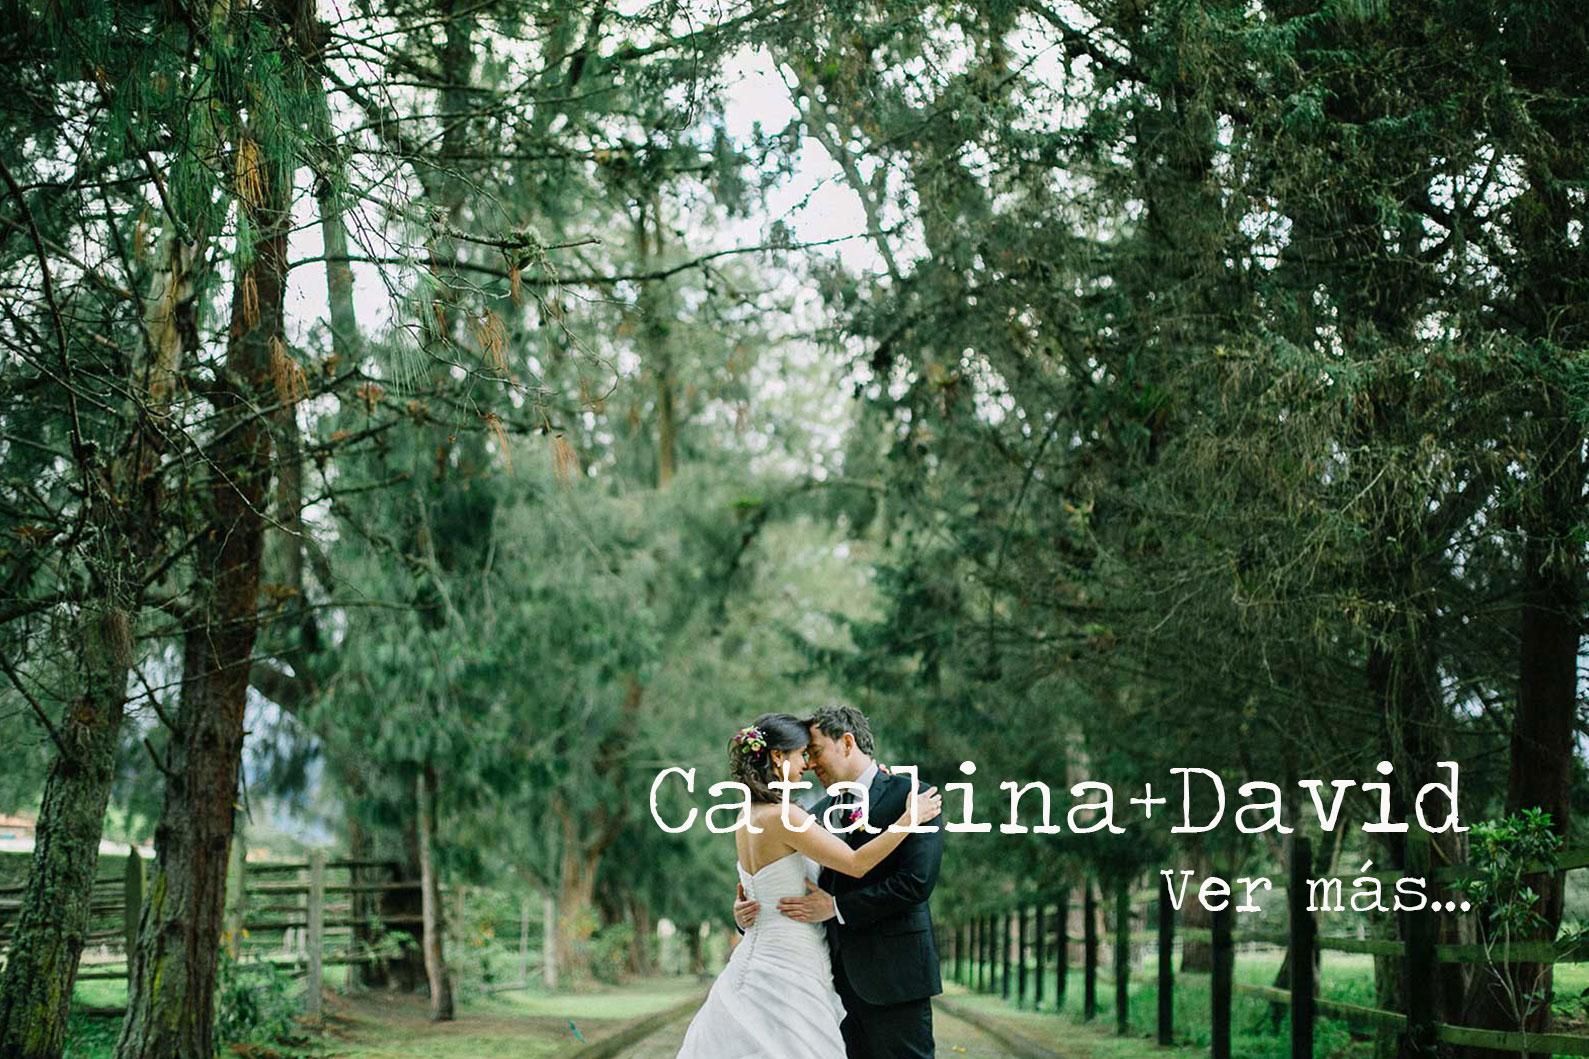 Catalina+Davids